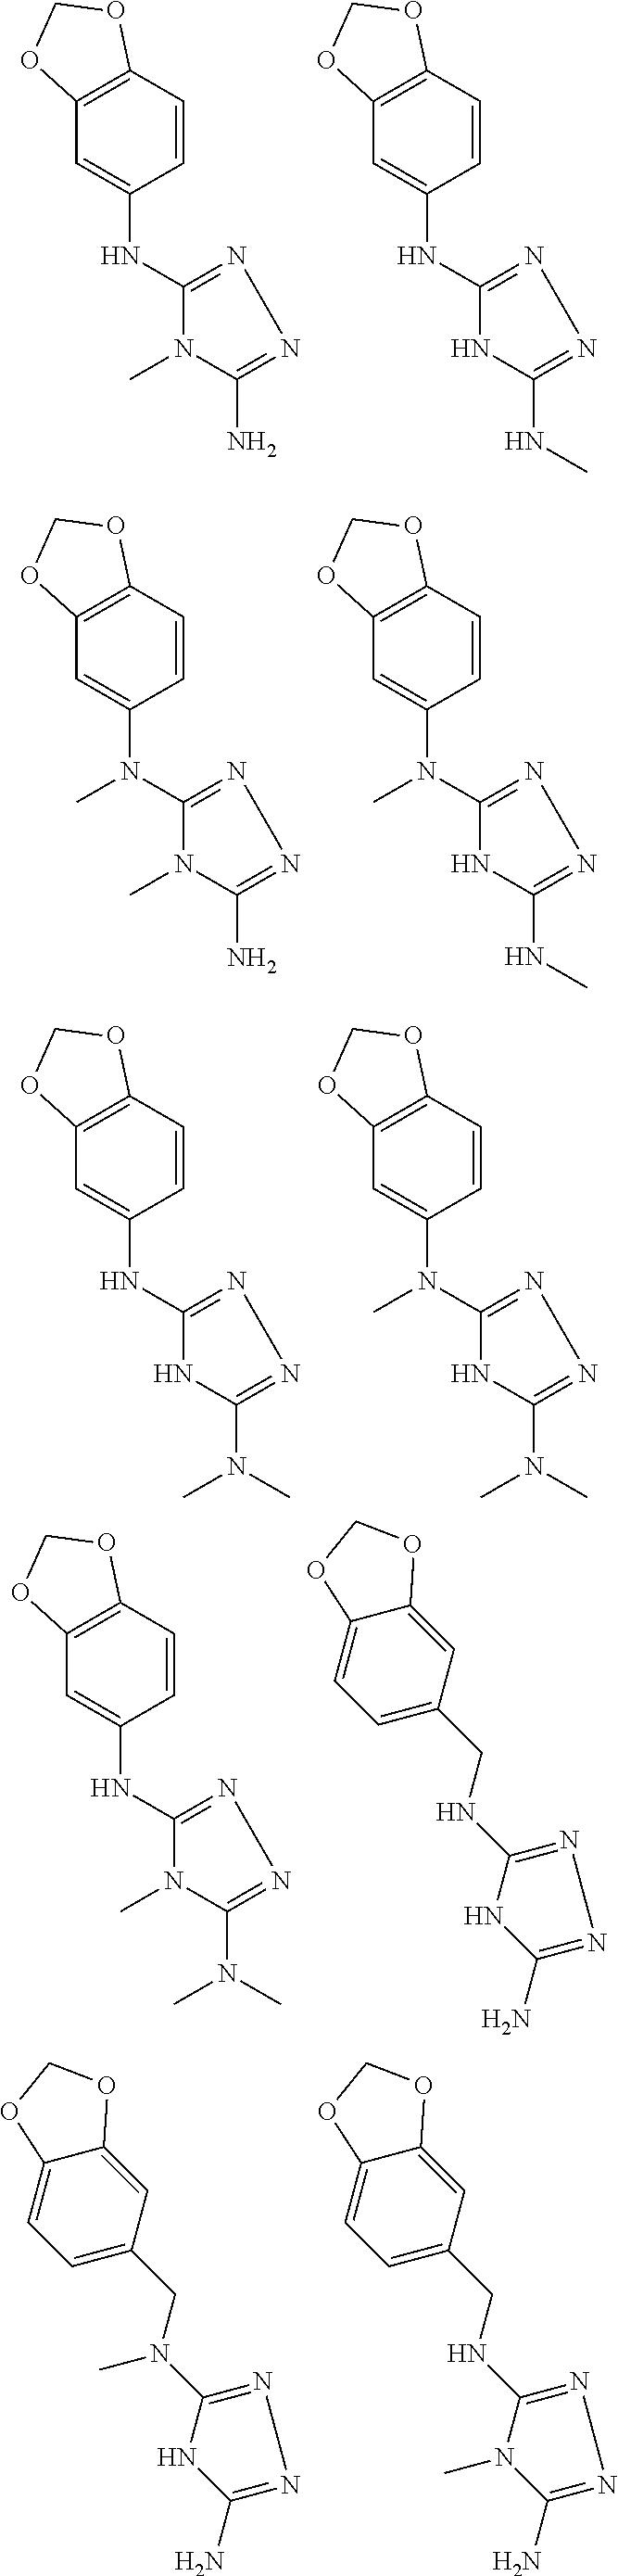 Figure US09480663-20161101-C00061